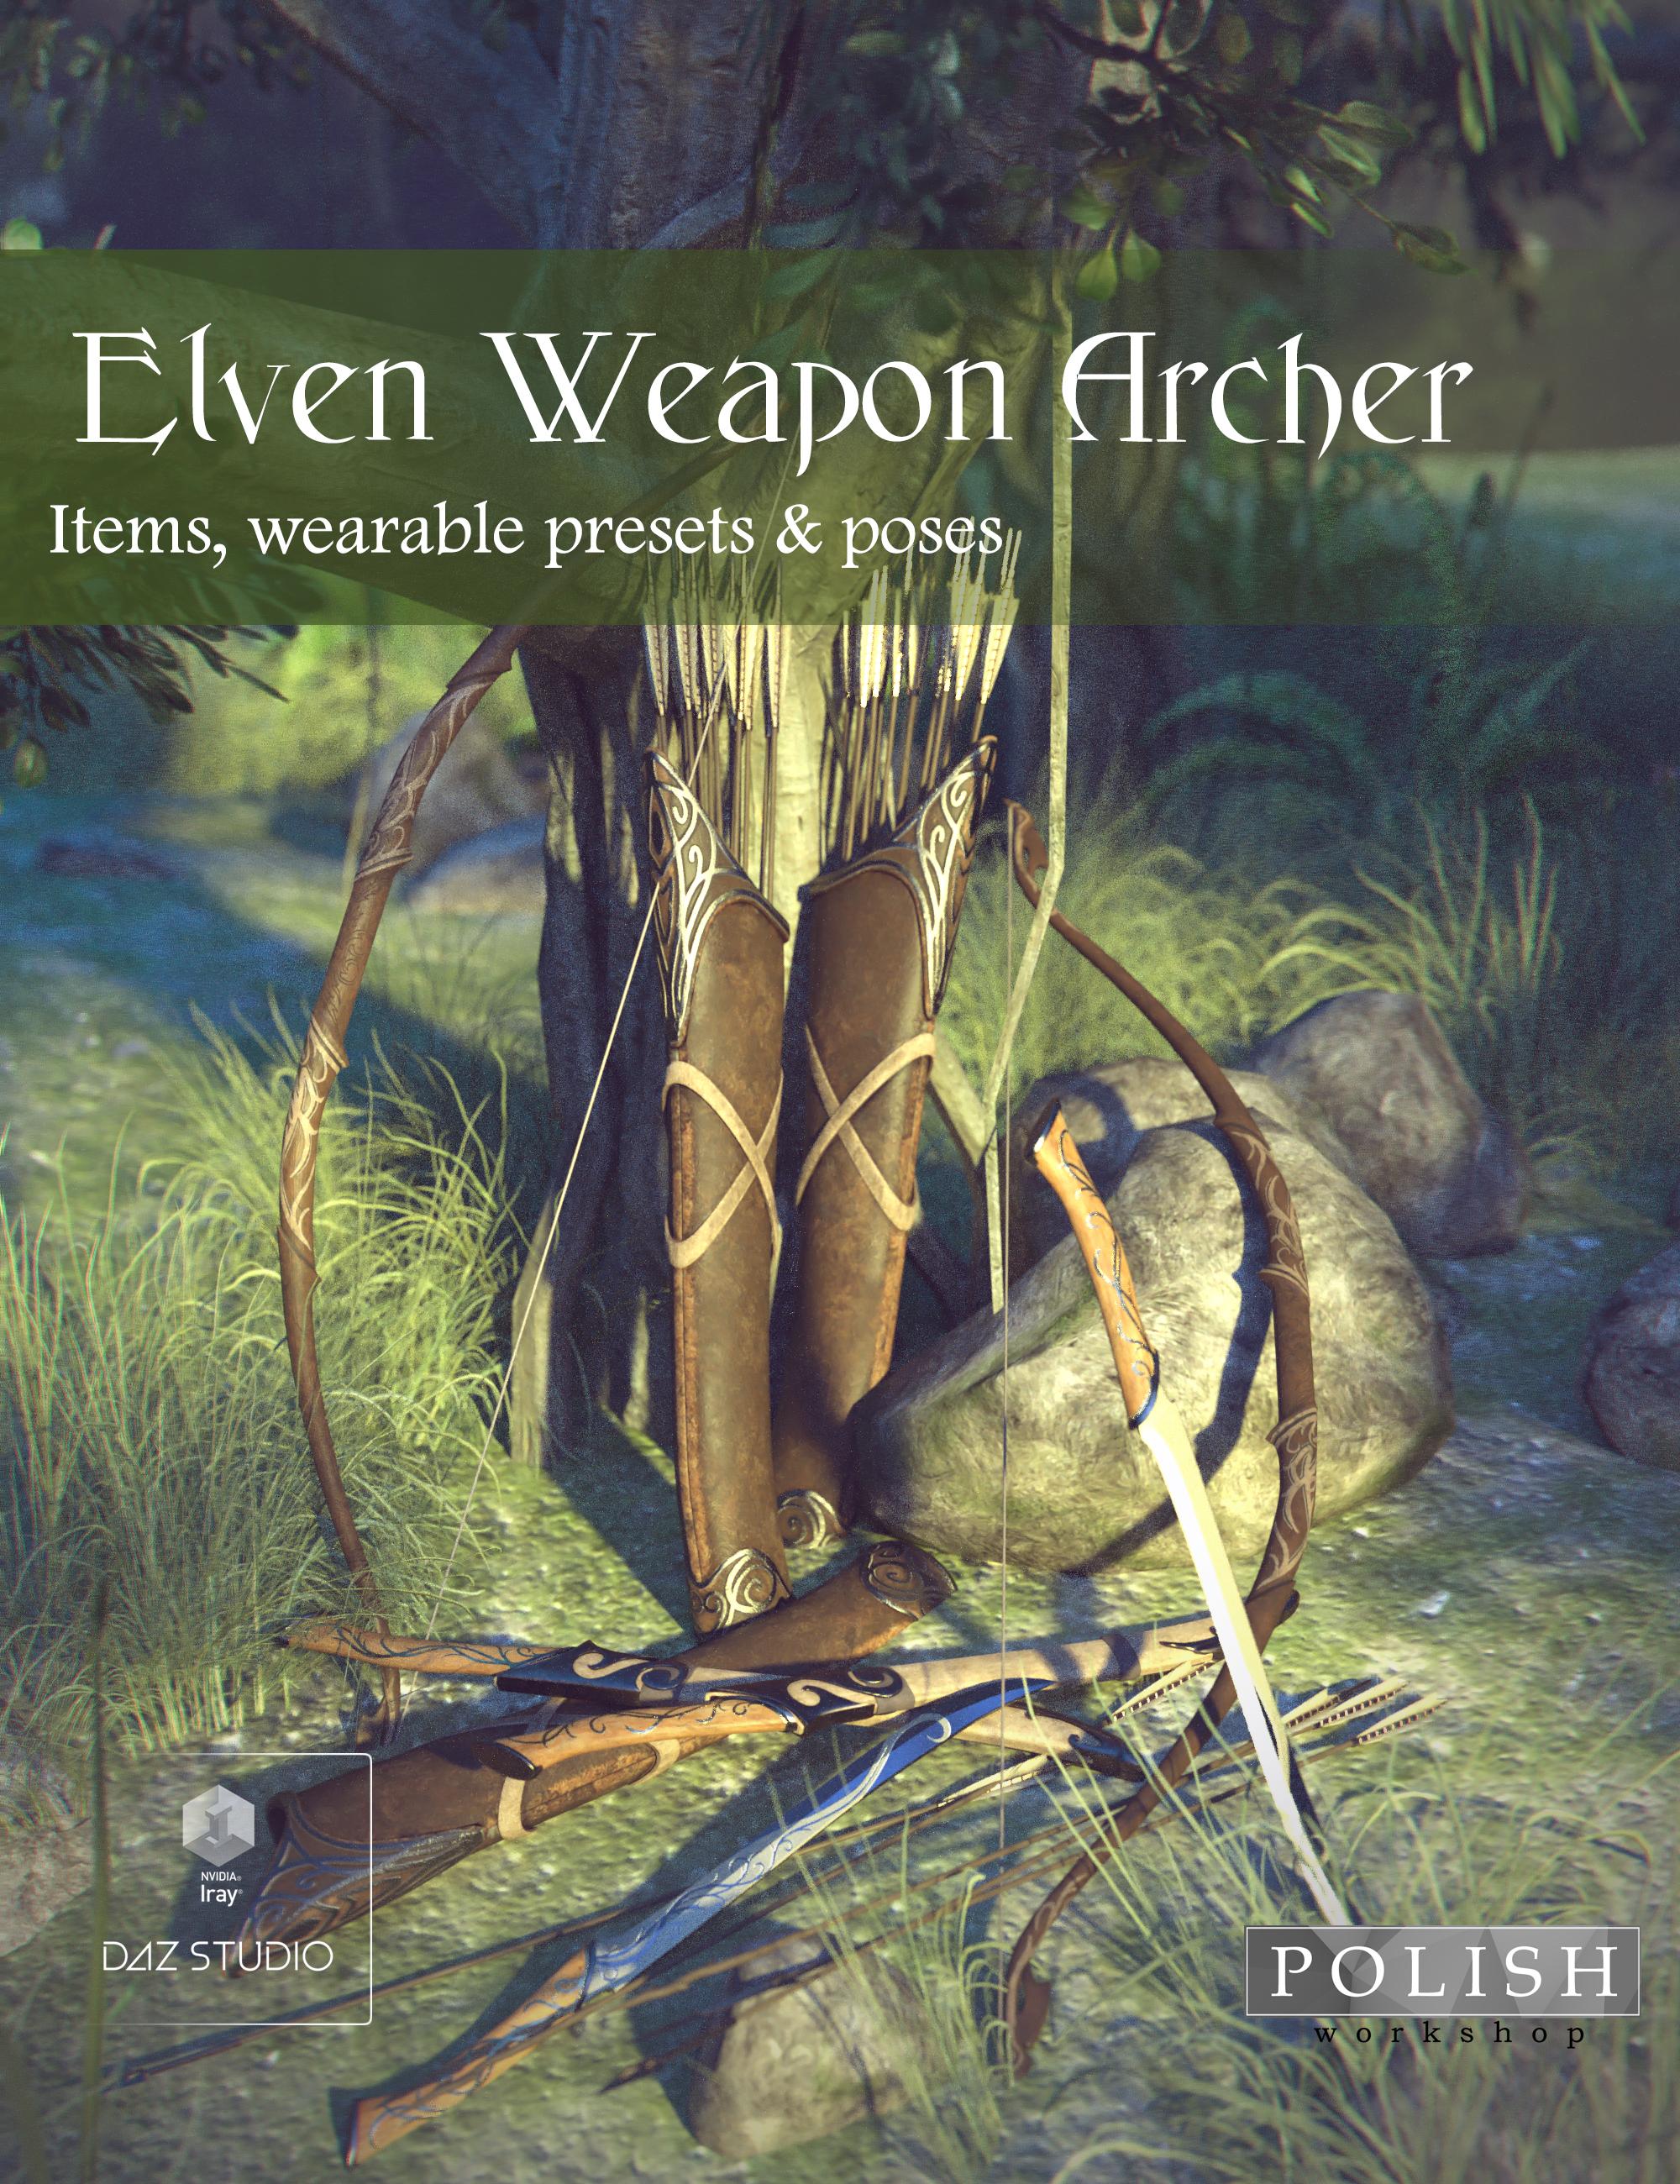 Elven Weapon Archer by: Polish, 3D Models by Daz 3D